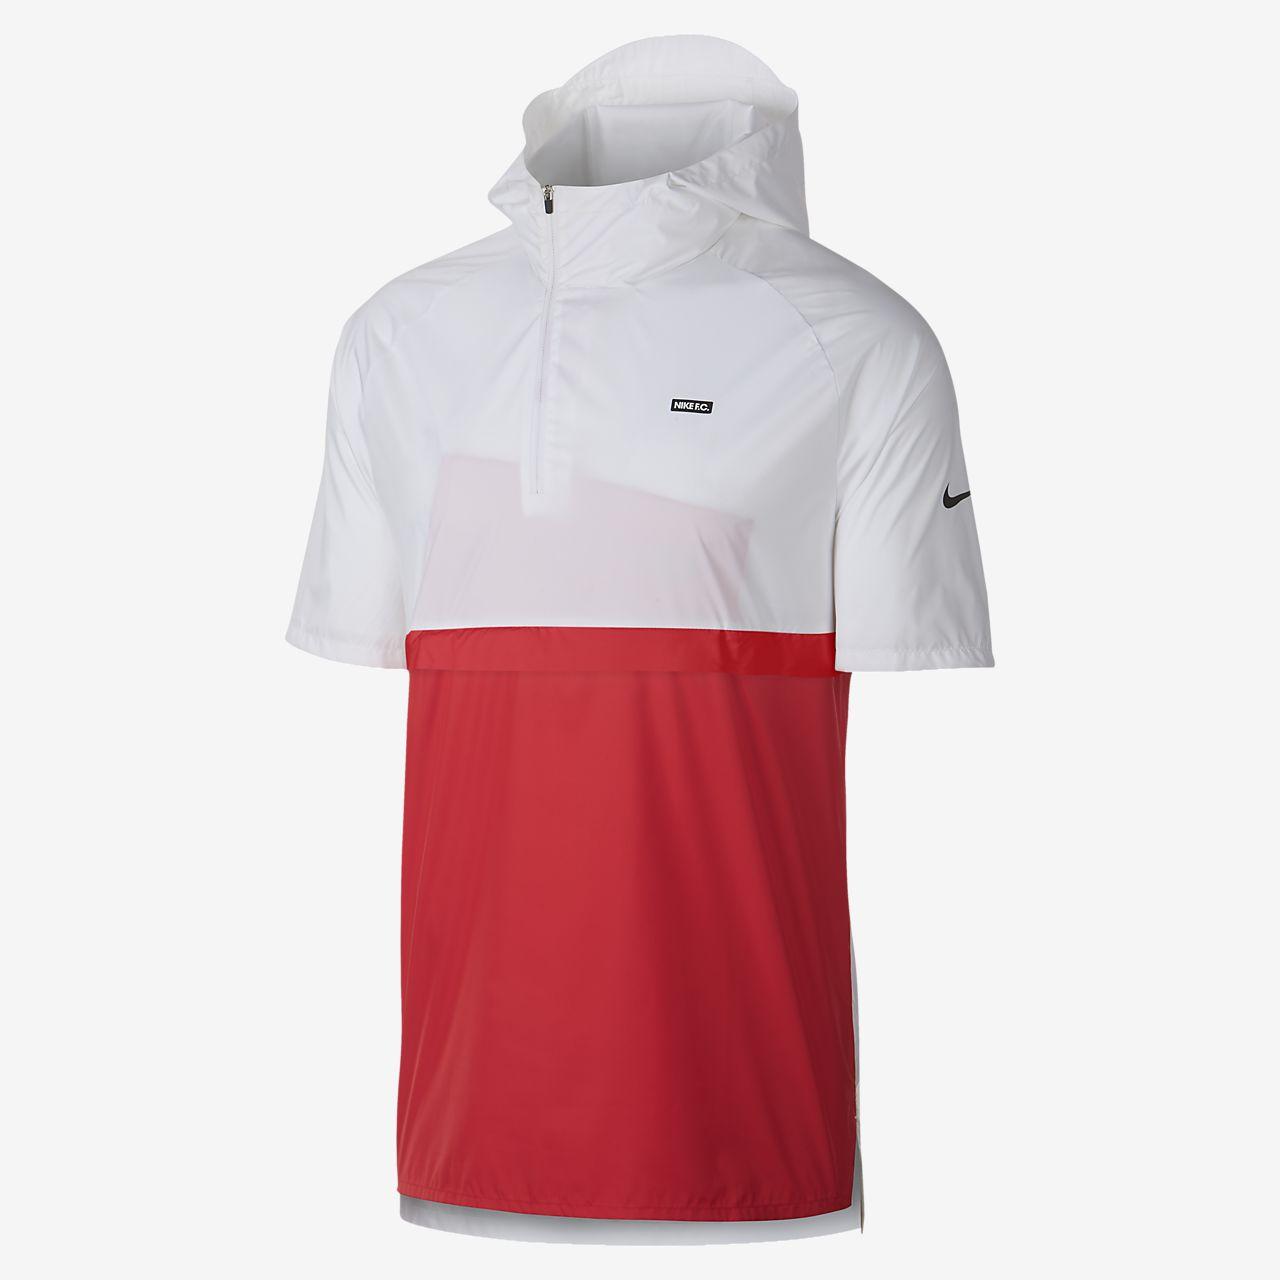 Nike F.C. 男子短袖连帽足球夹克